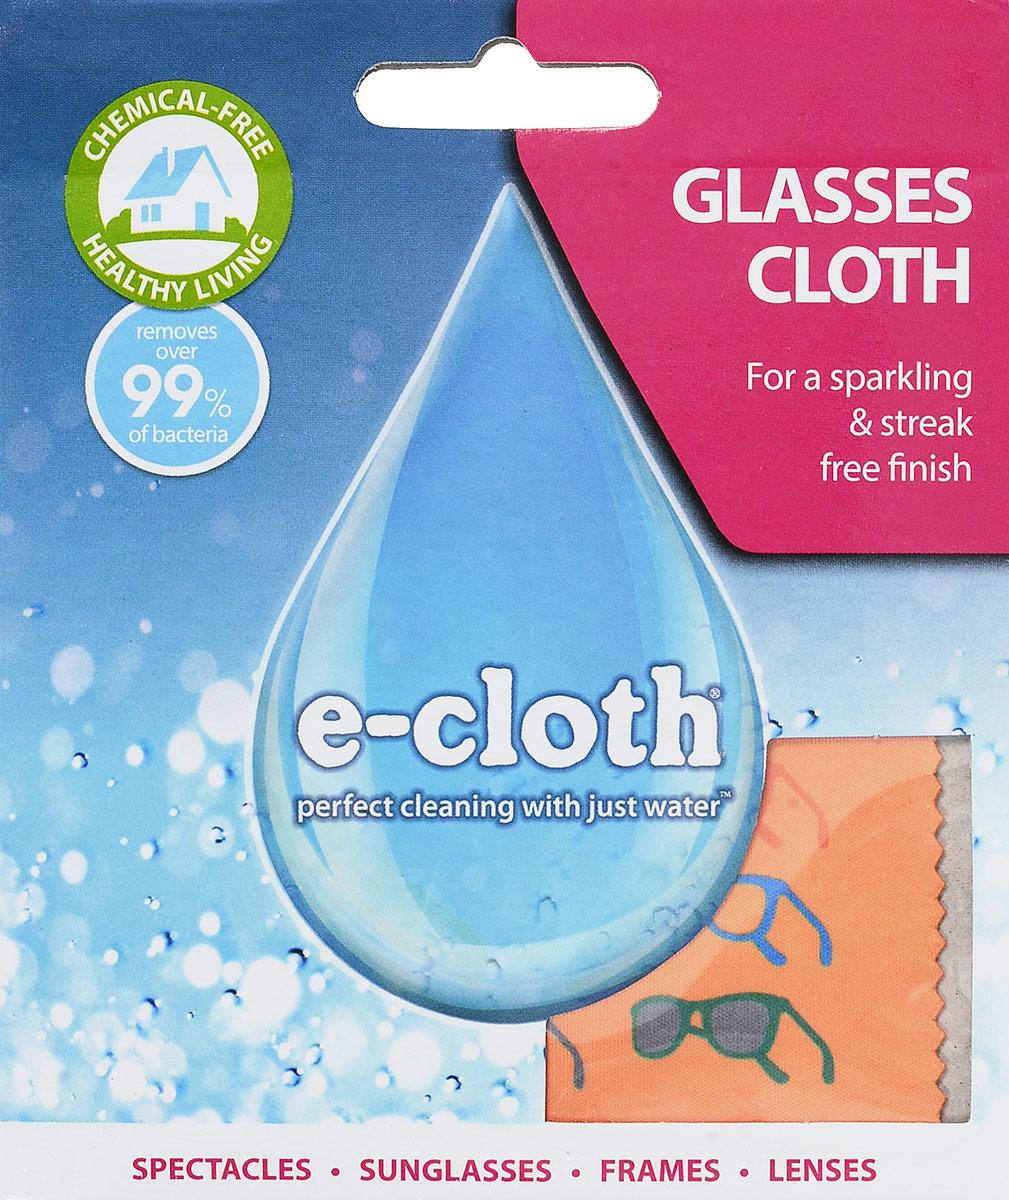 Салфетка для очков E-cloth, цвет: оранжевый, 19 х 19 см20430_оранжевыйСалфетка для очков E-cloth, цвет: оранжевый, 19 х 19 см